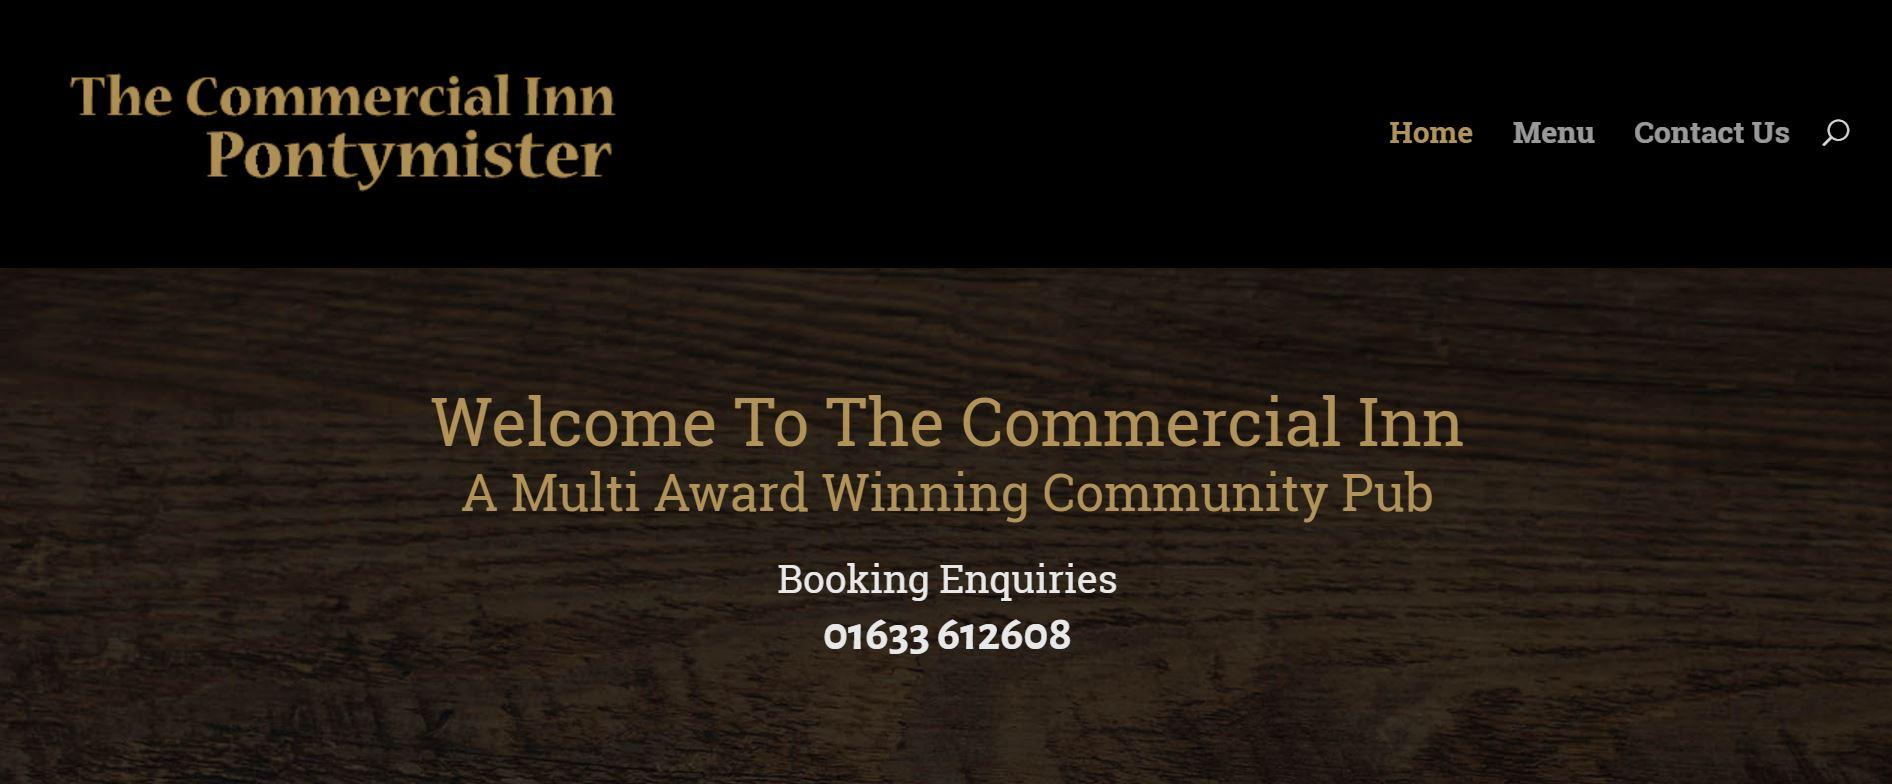 The Commercial Inn Pontymister website